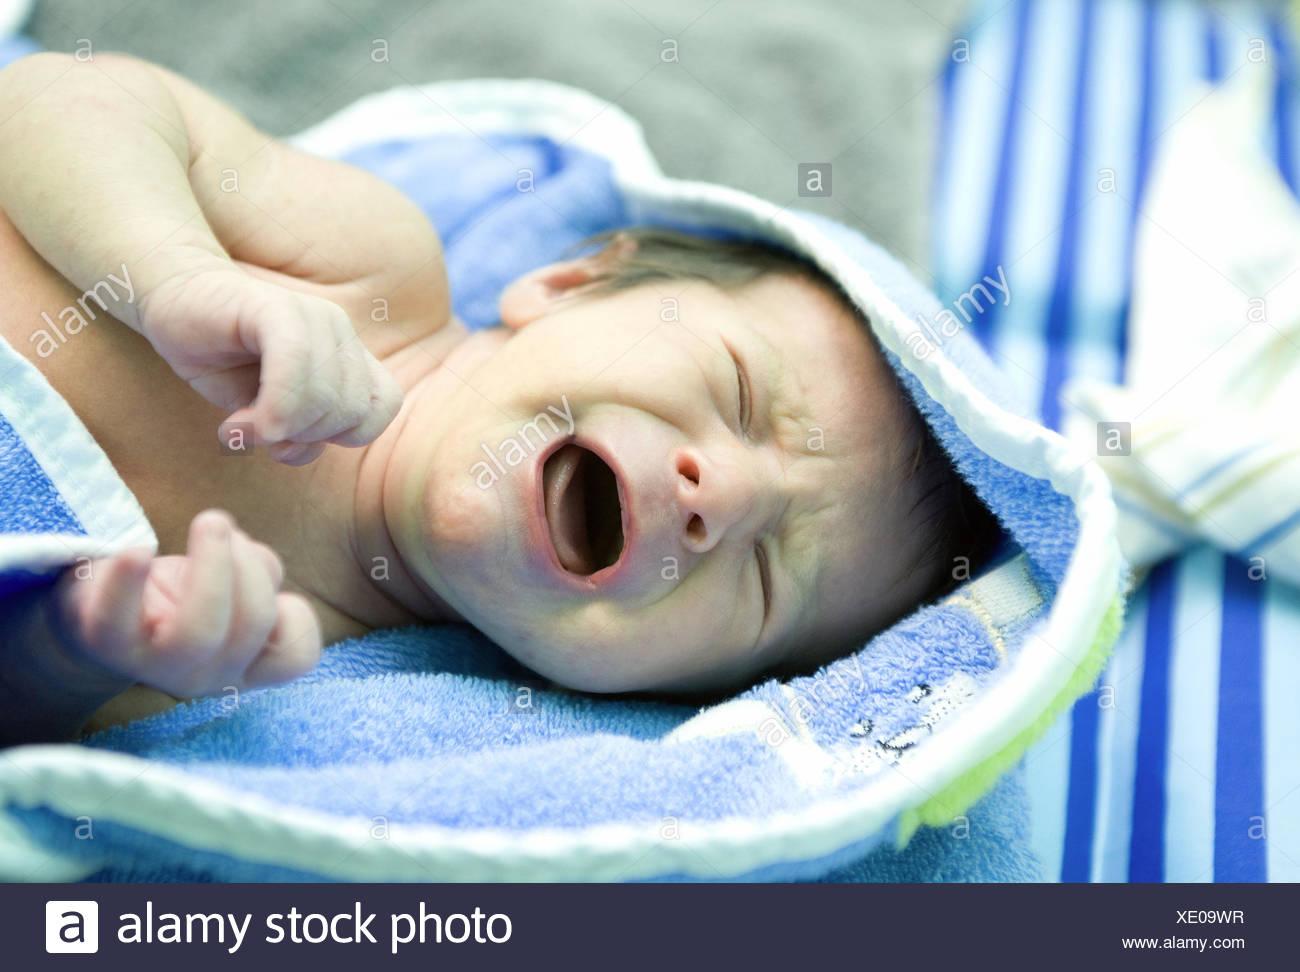 Baby, giacciono, gridare, rabbiosamente, ritratto, Immagini Stock